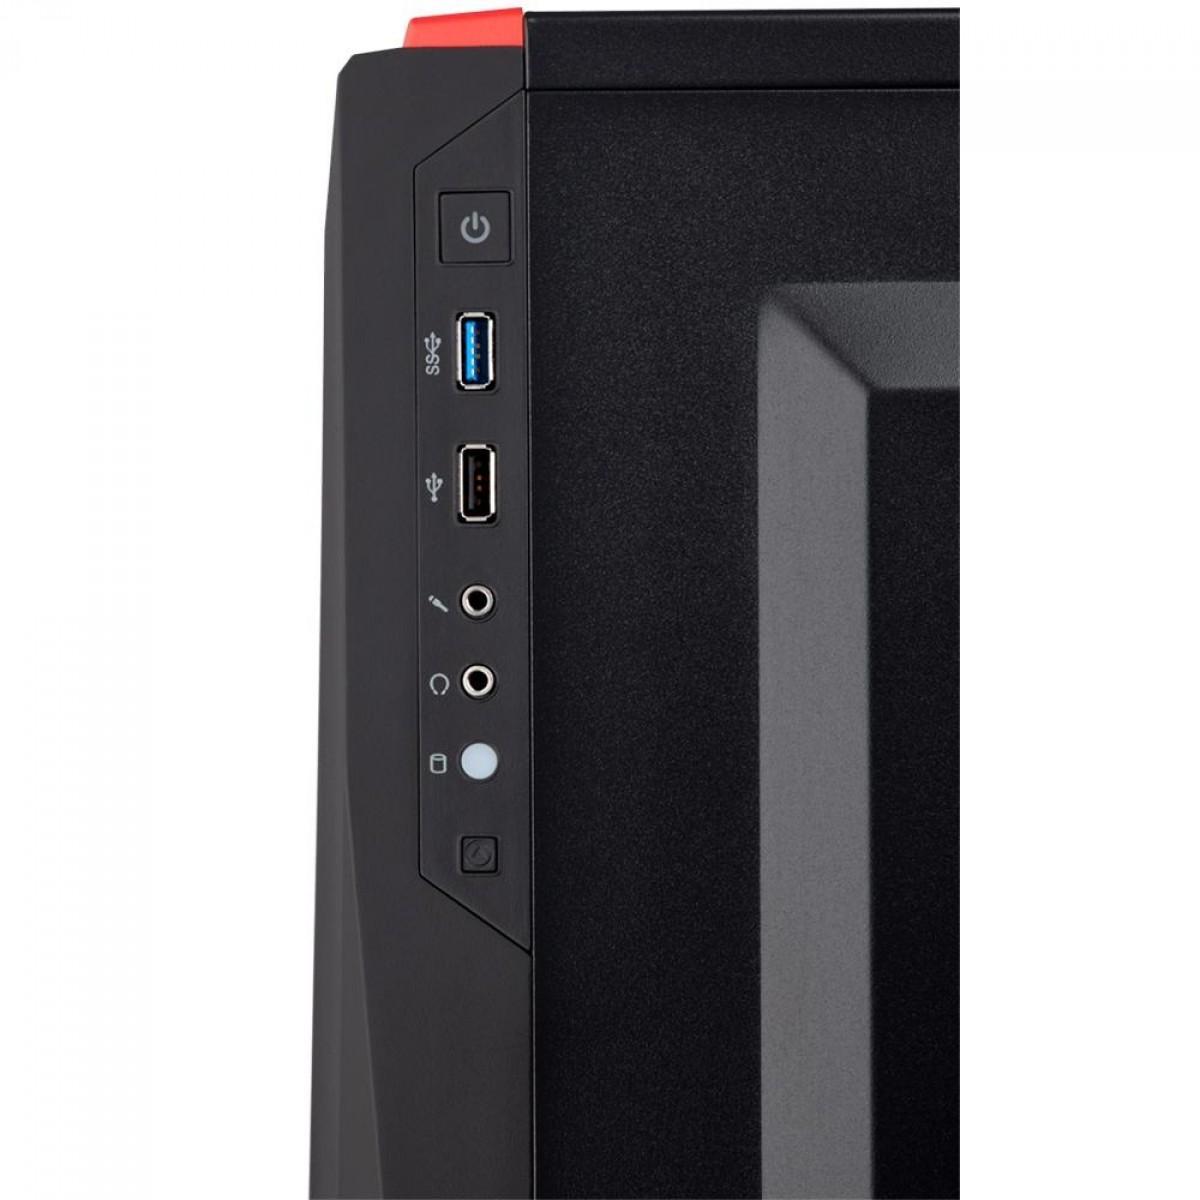 Gabinete Gamer Corsair Carbide SPEC-04, Mid Tower, Com 1 Fan, Vidro Temperado, Black/Red, Sem Fonte, CC-9011117-WW